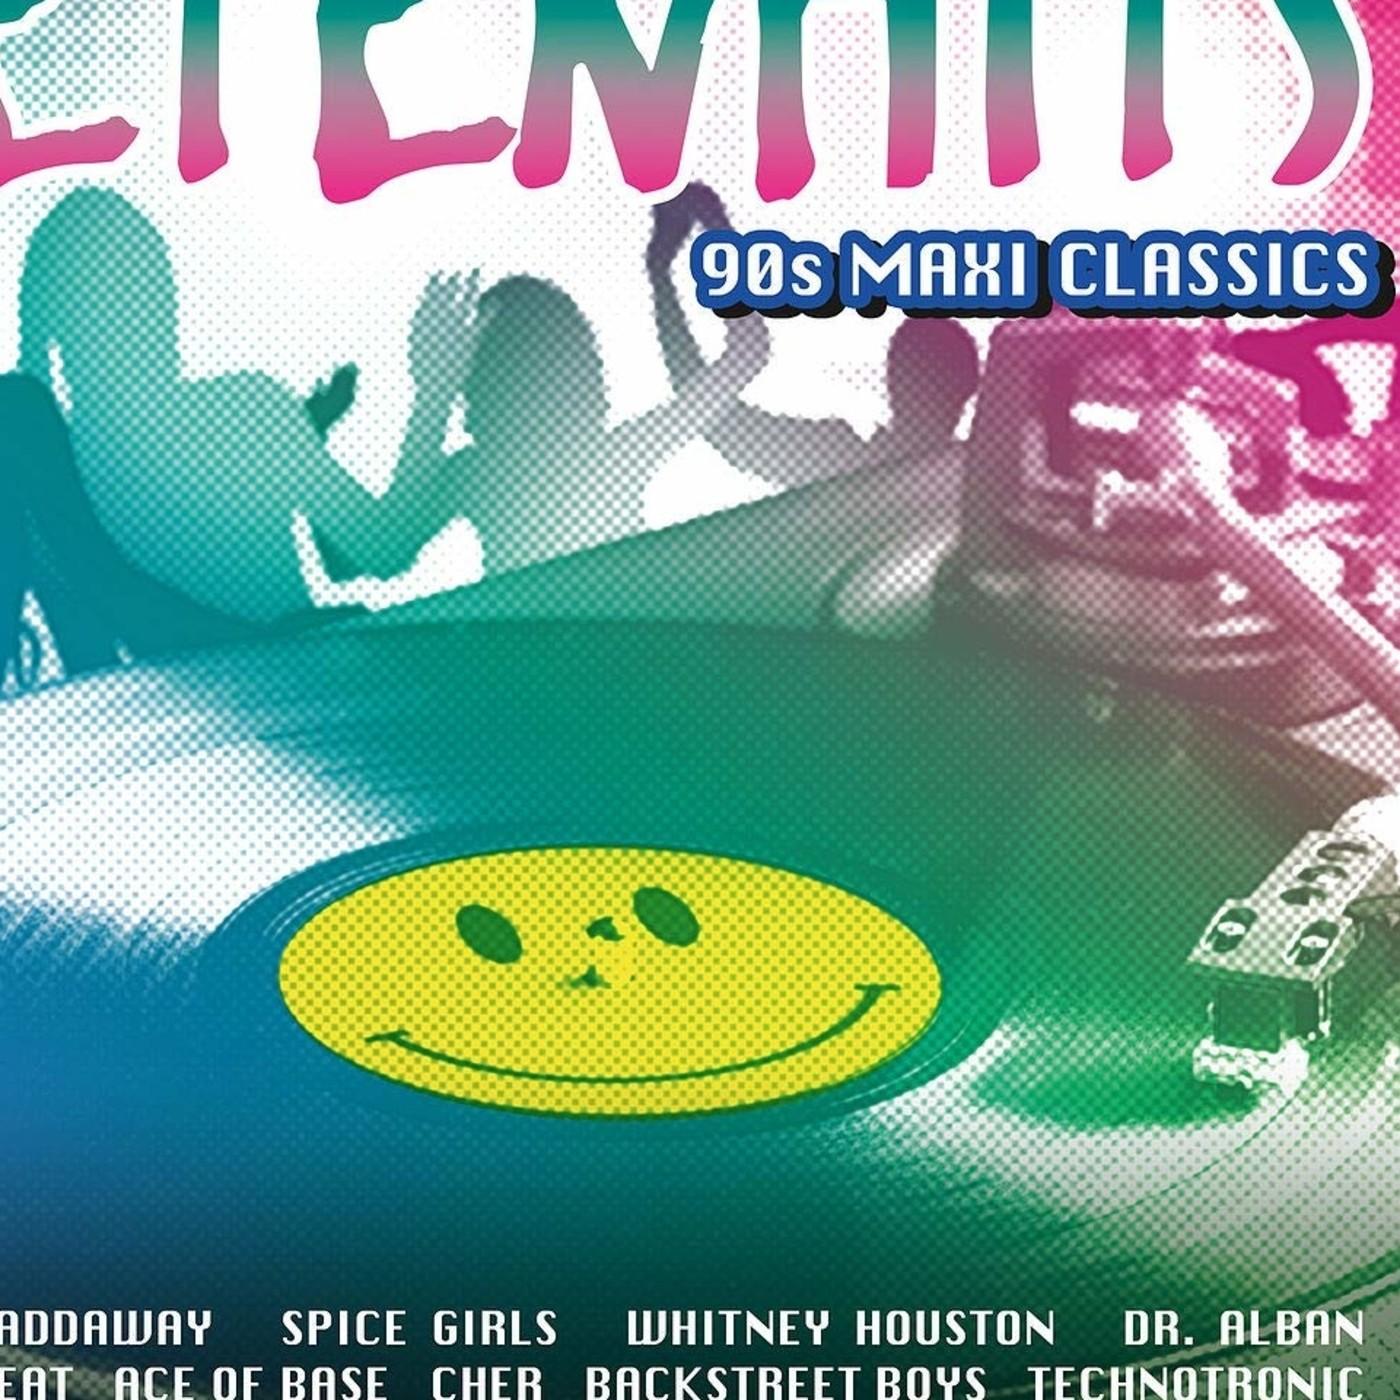 fetenhits 90 maxi classics